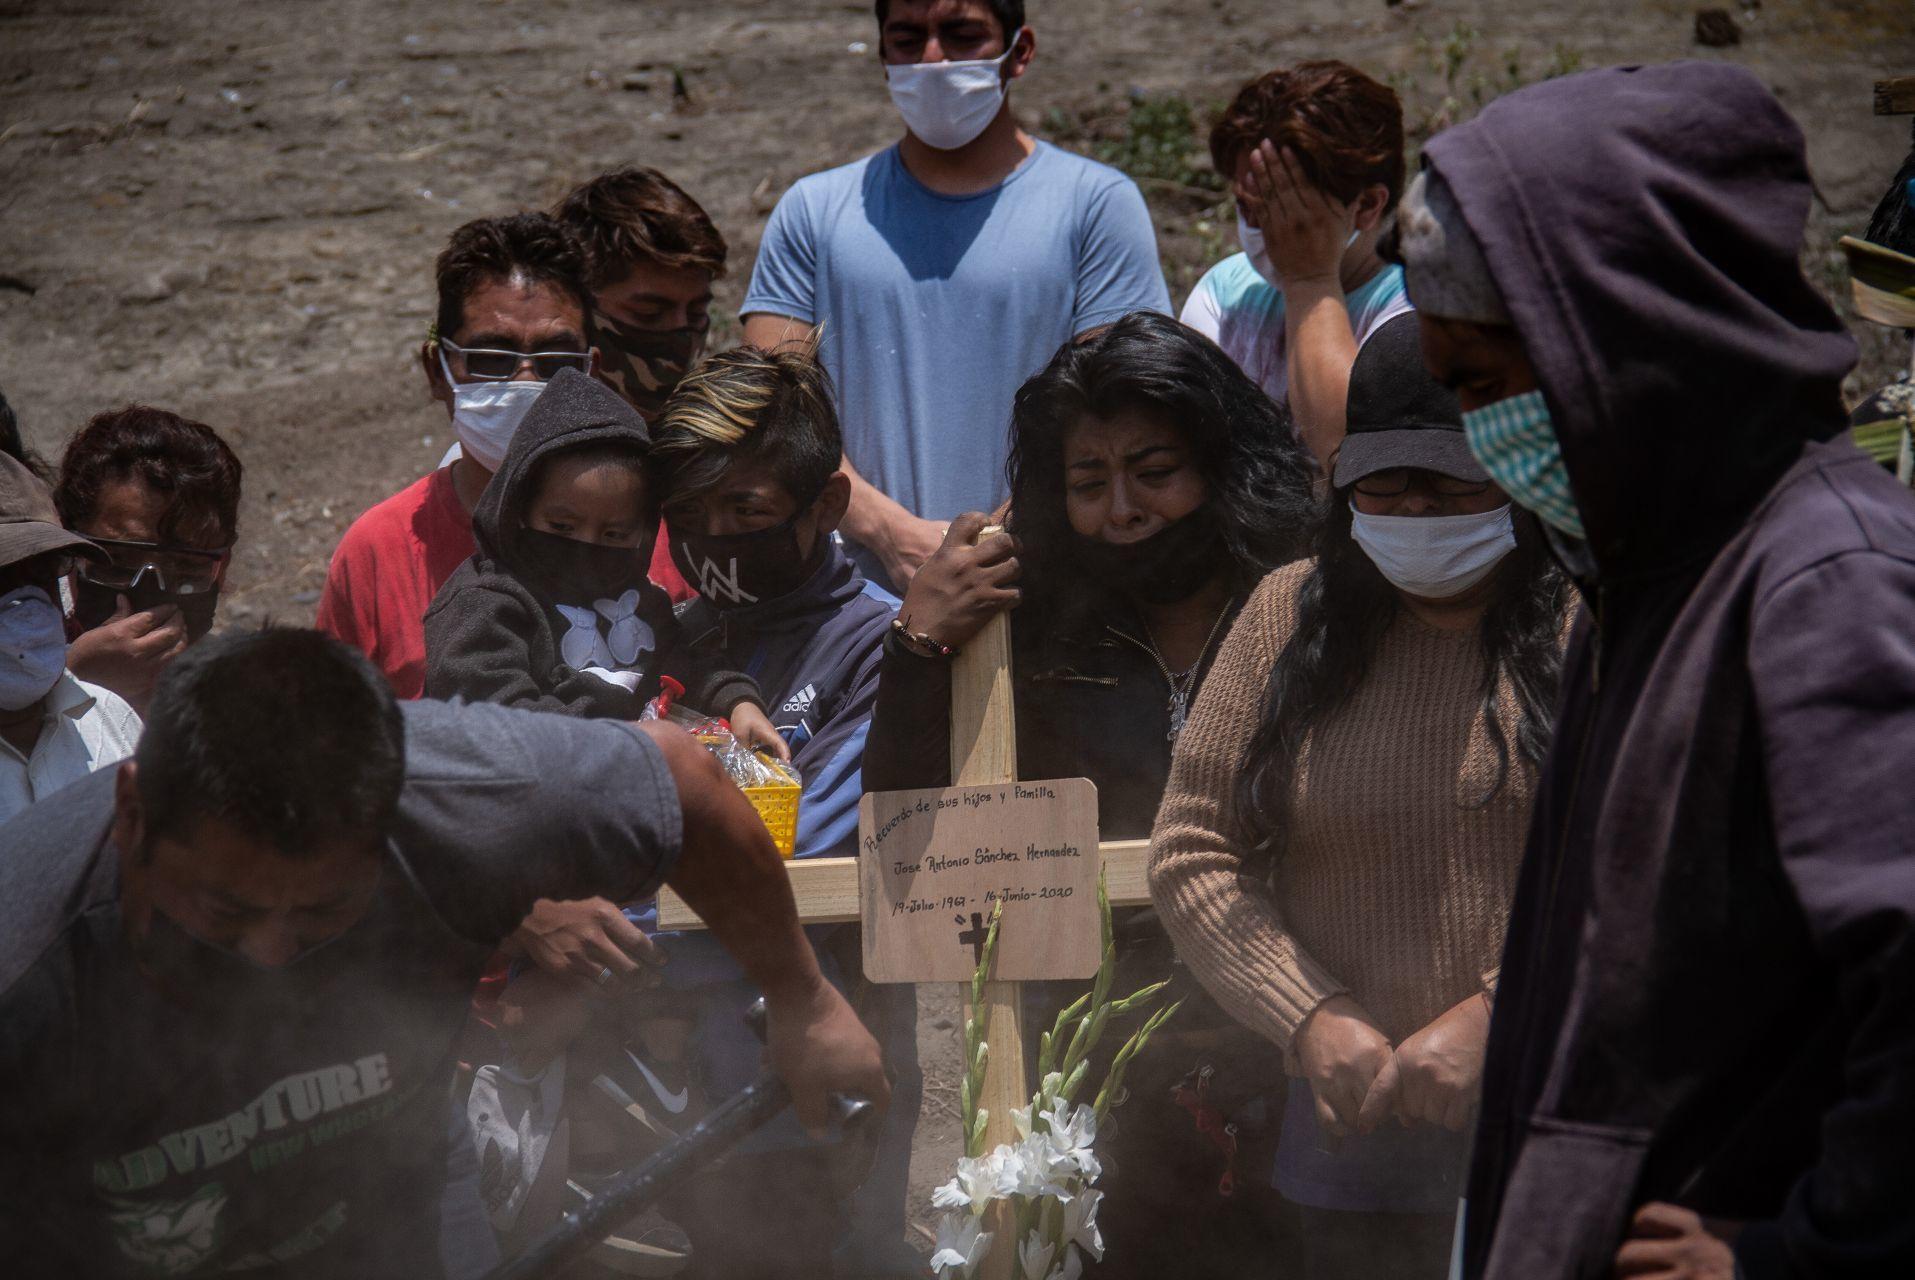 Familia despide a su difunto tras enfermar de covid, en el Panteón Municipal de Valle de Chalco (Cuartoscuro)